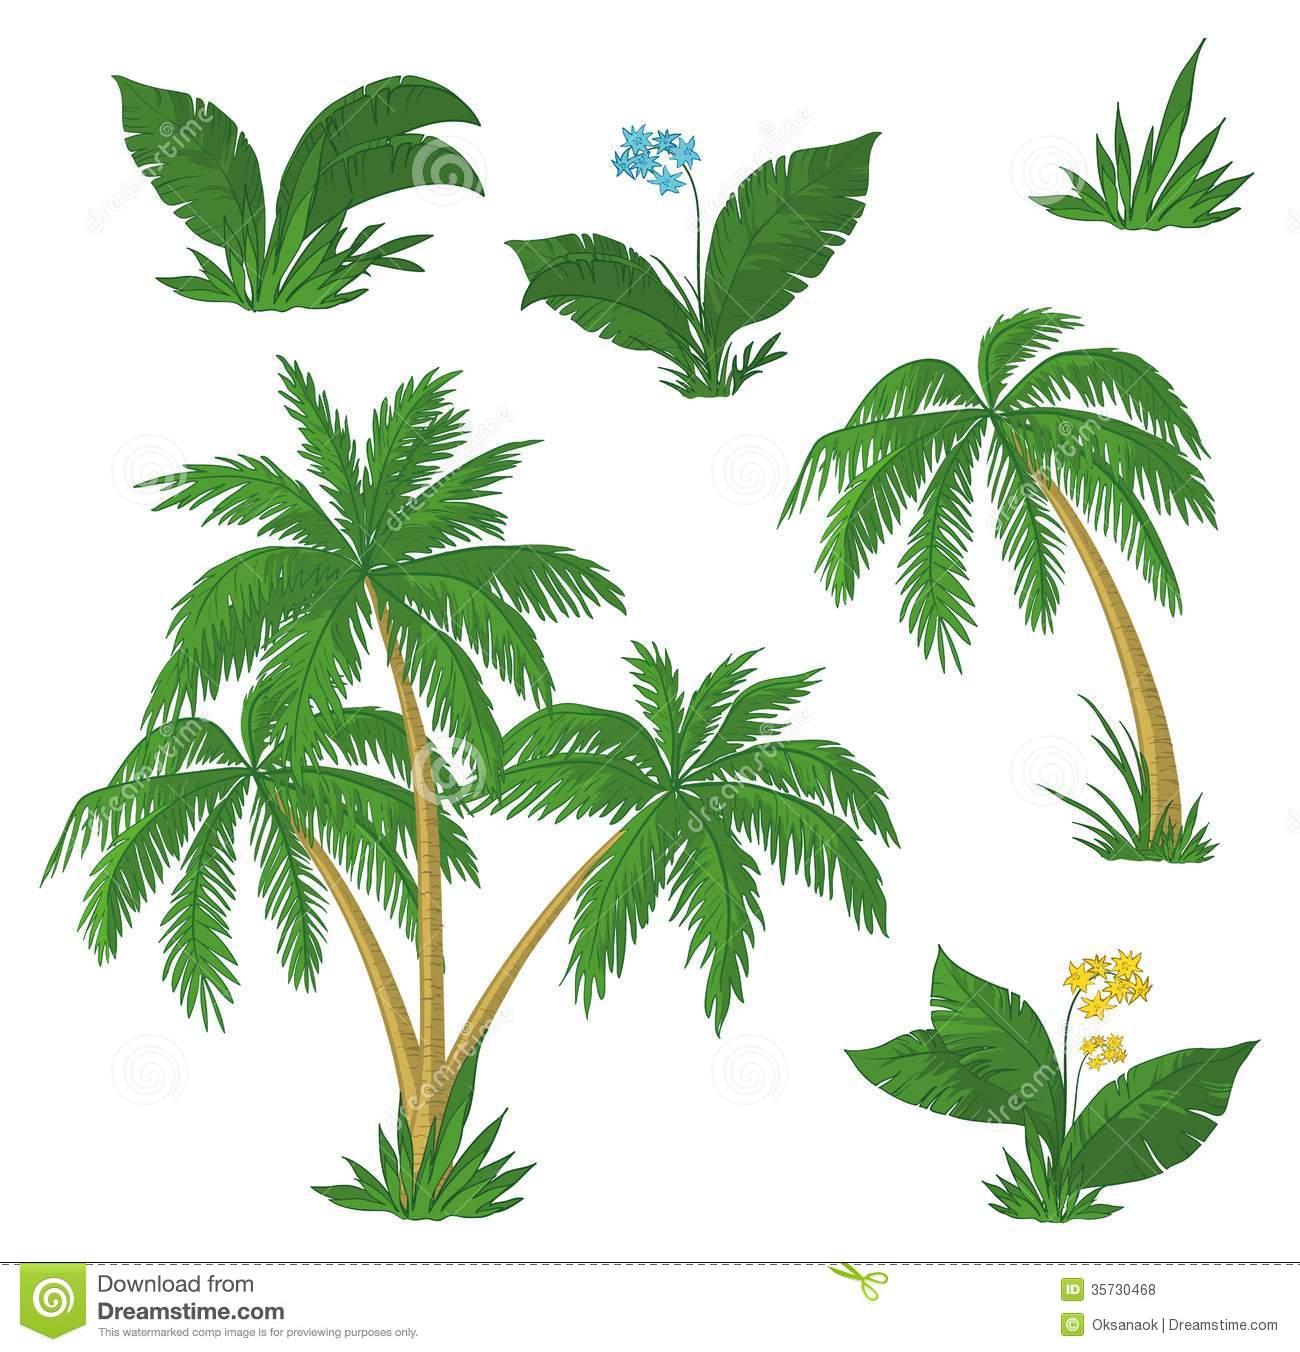 Palm grass clipart #3